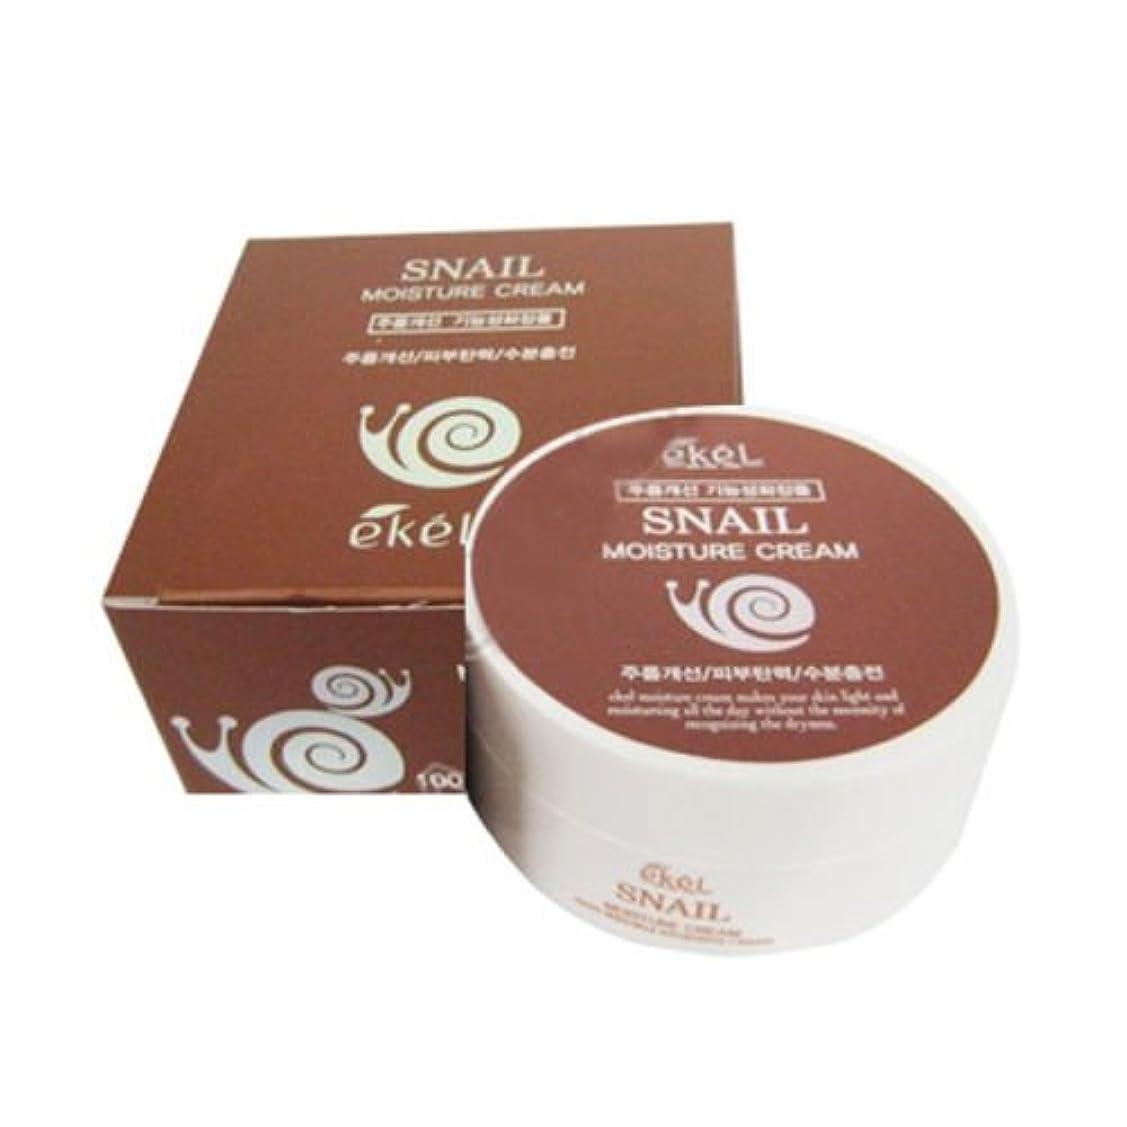 成人期支援する好奇心盛イケル[韓国コスメEkel]Snail Moisture Cream カタツムリモイスチャークリーム100g [並行輸入品]